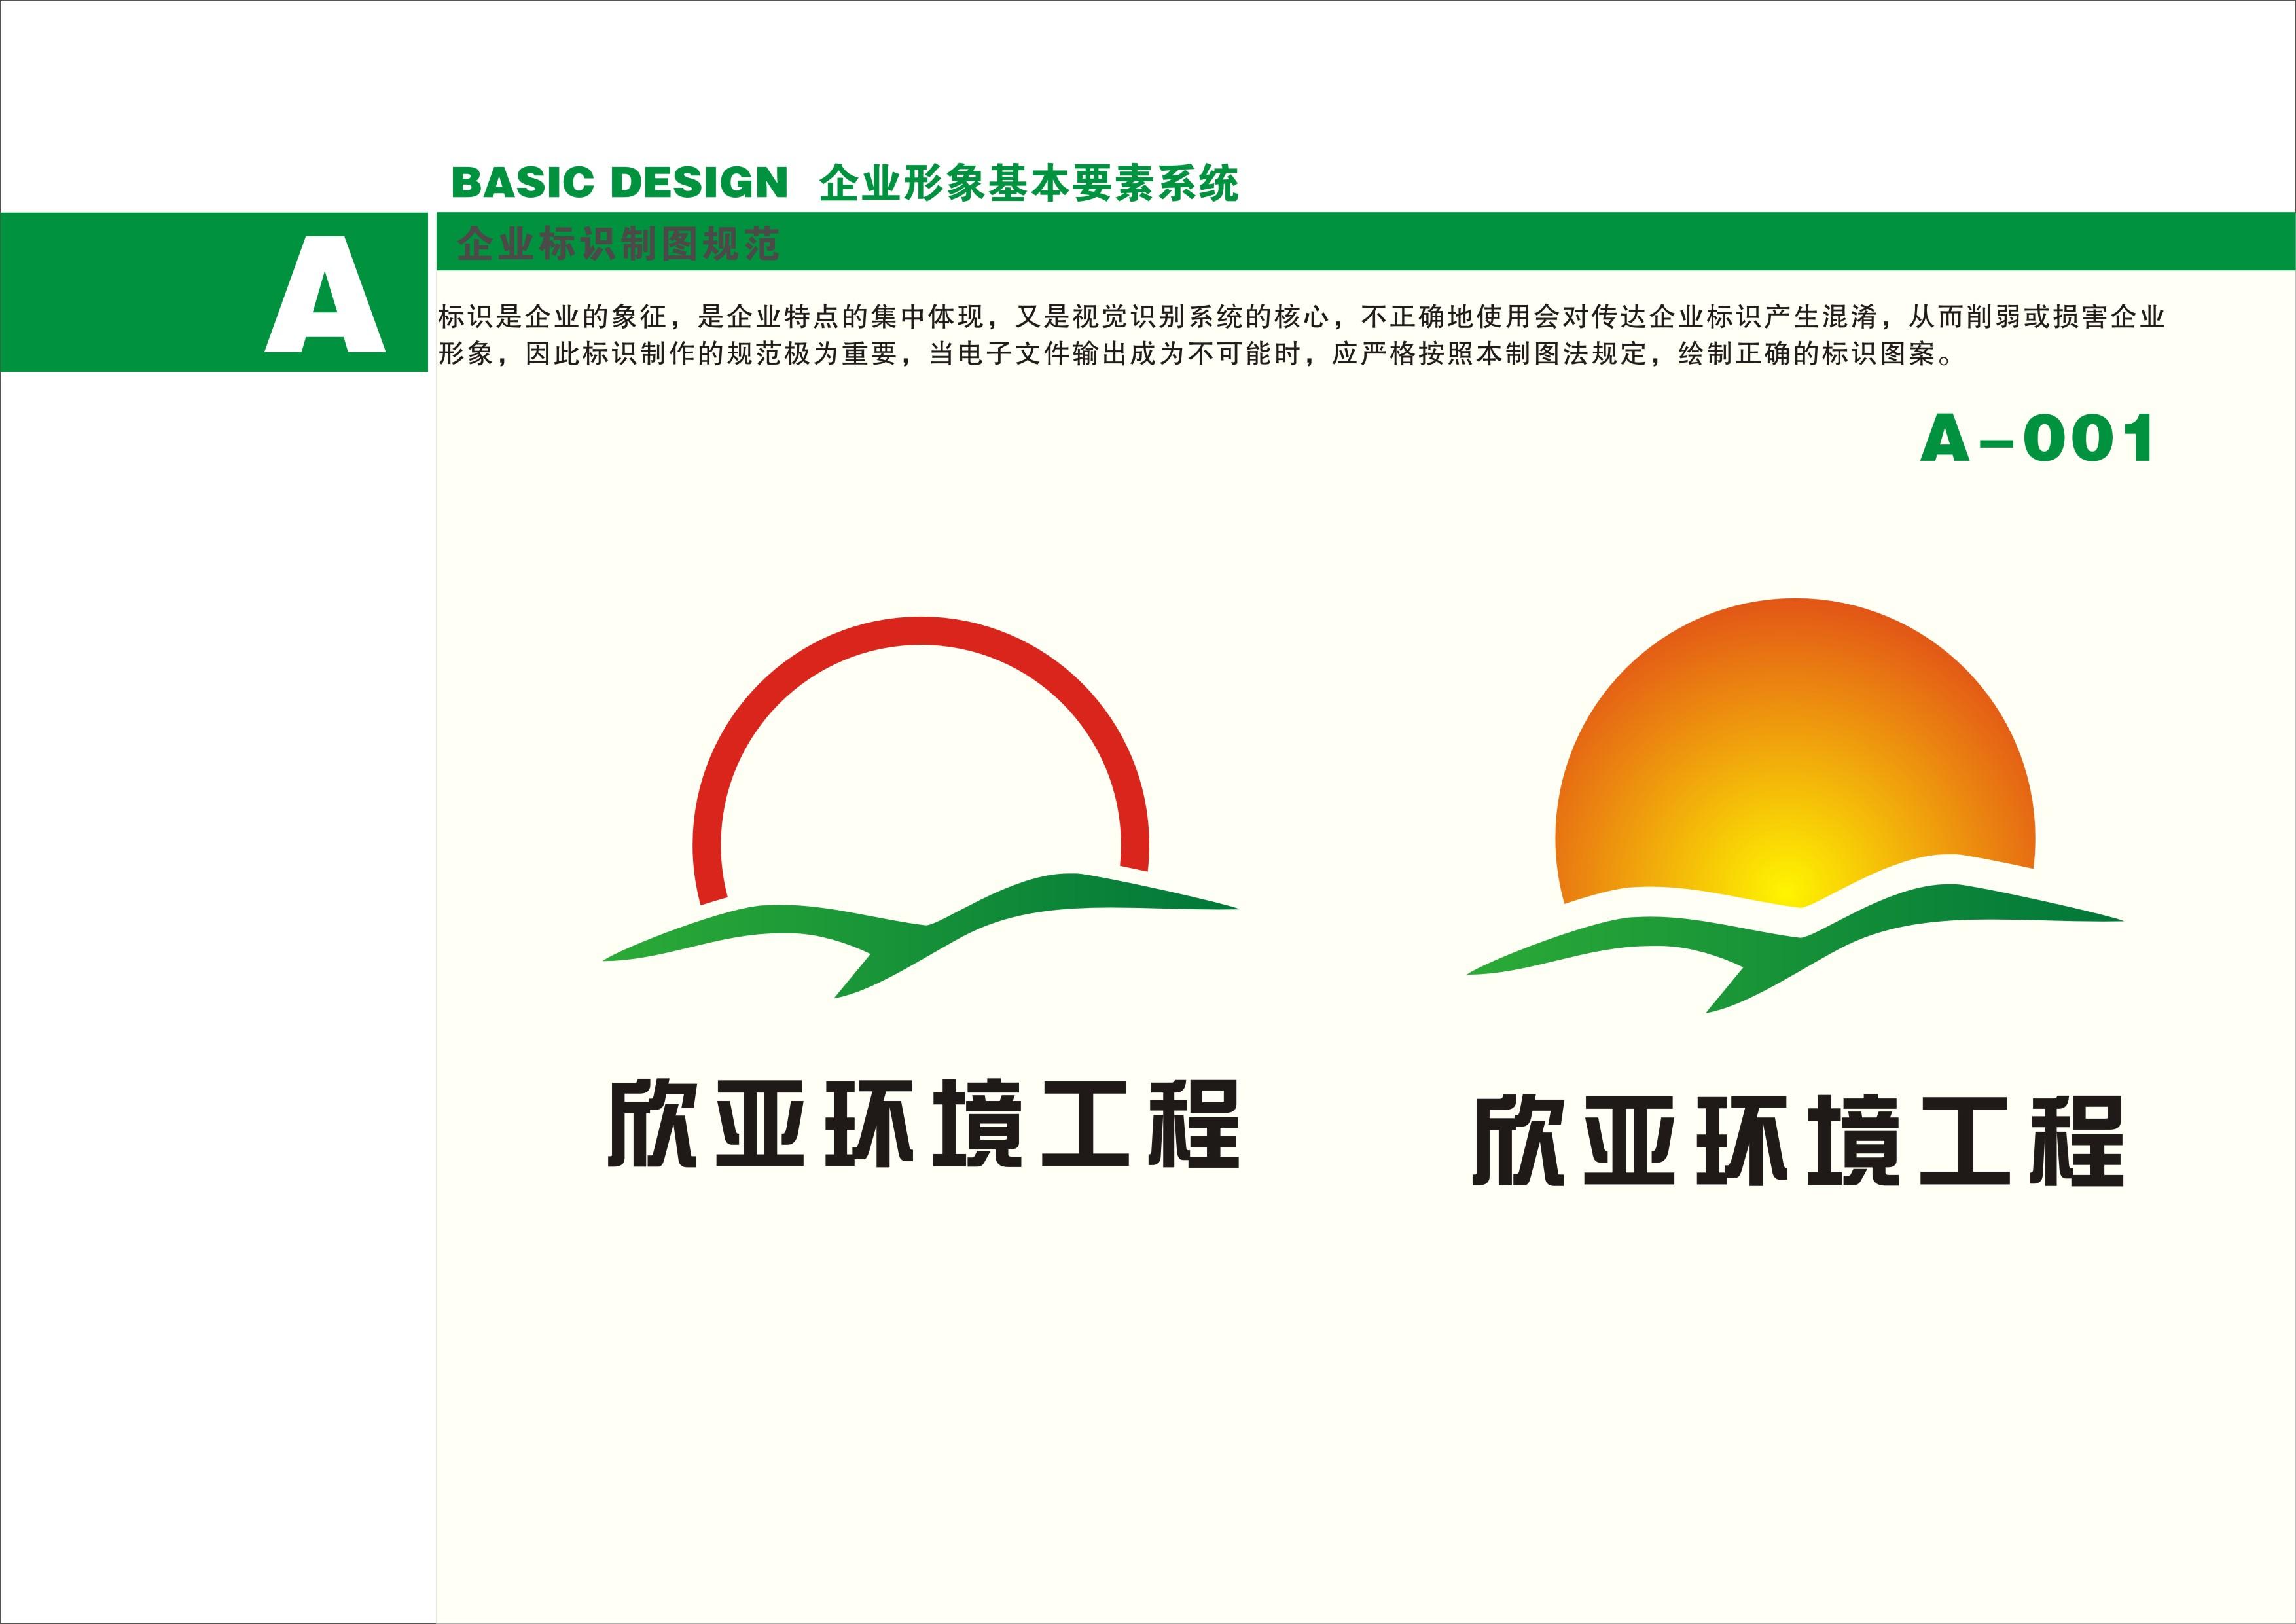 深圳市欣亚环境工程公司logo名片等设计